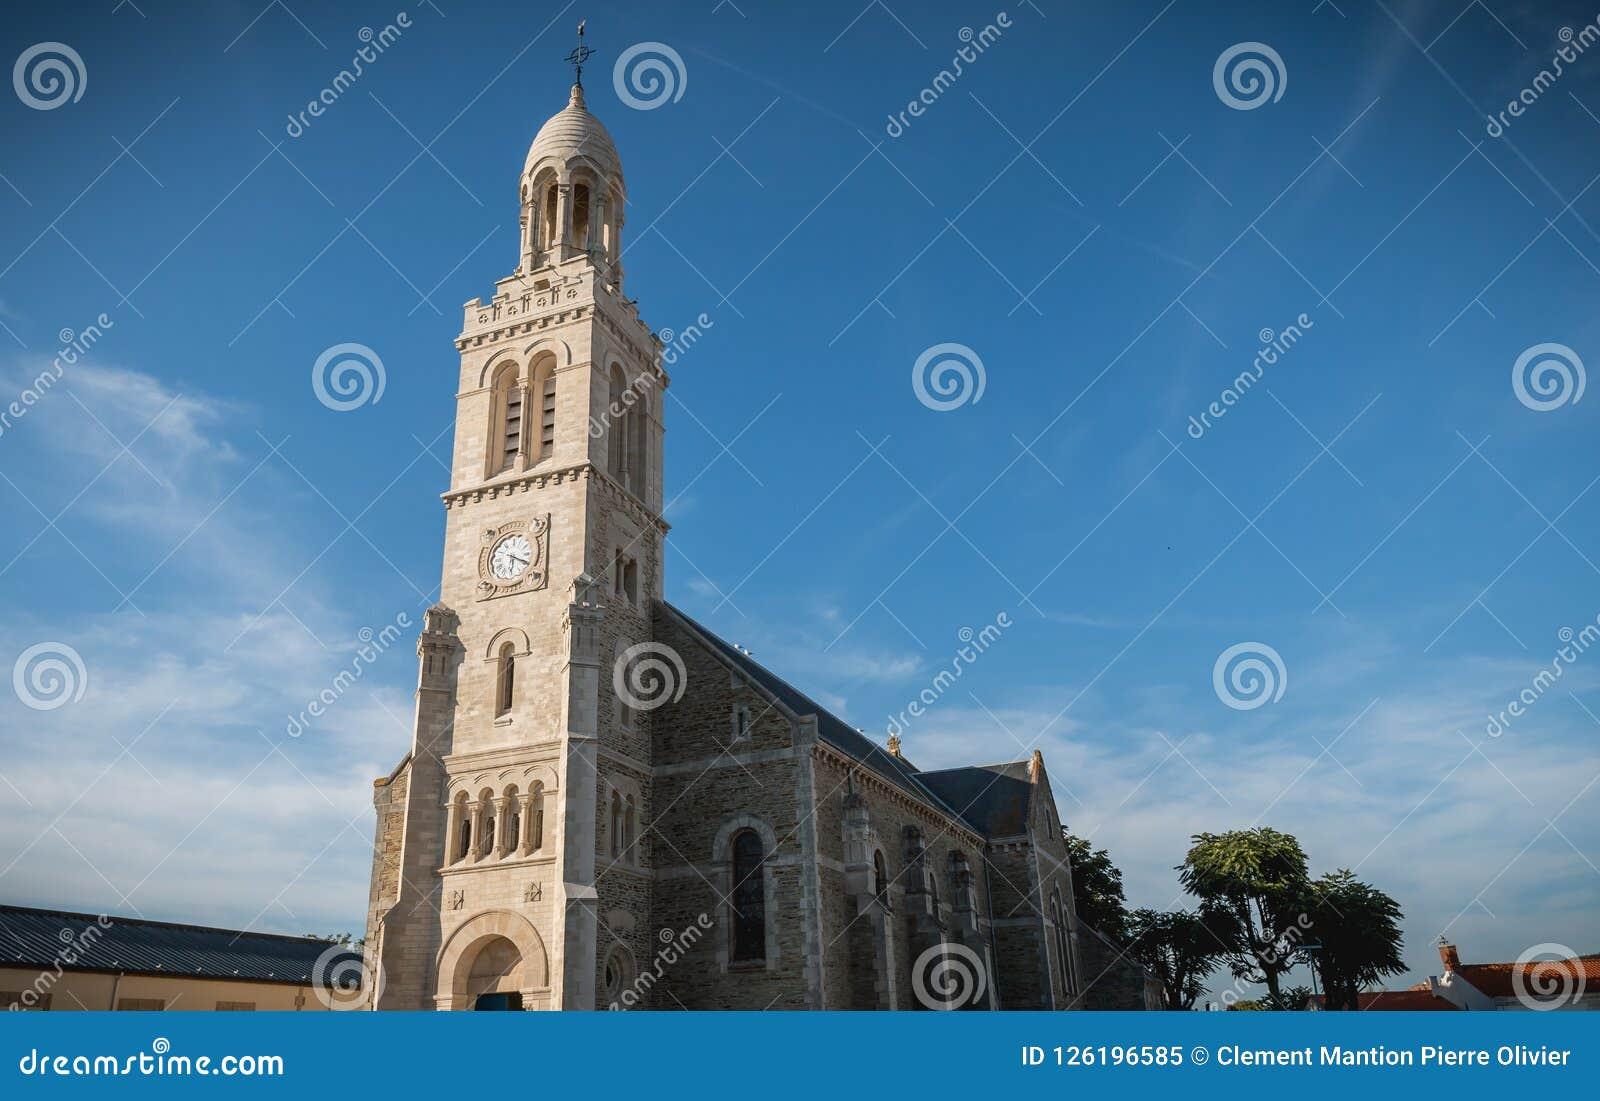 Архитектурноакустическая деталь экстерьера церков St Croix